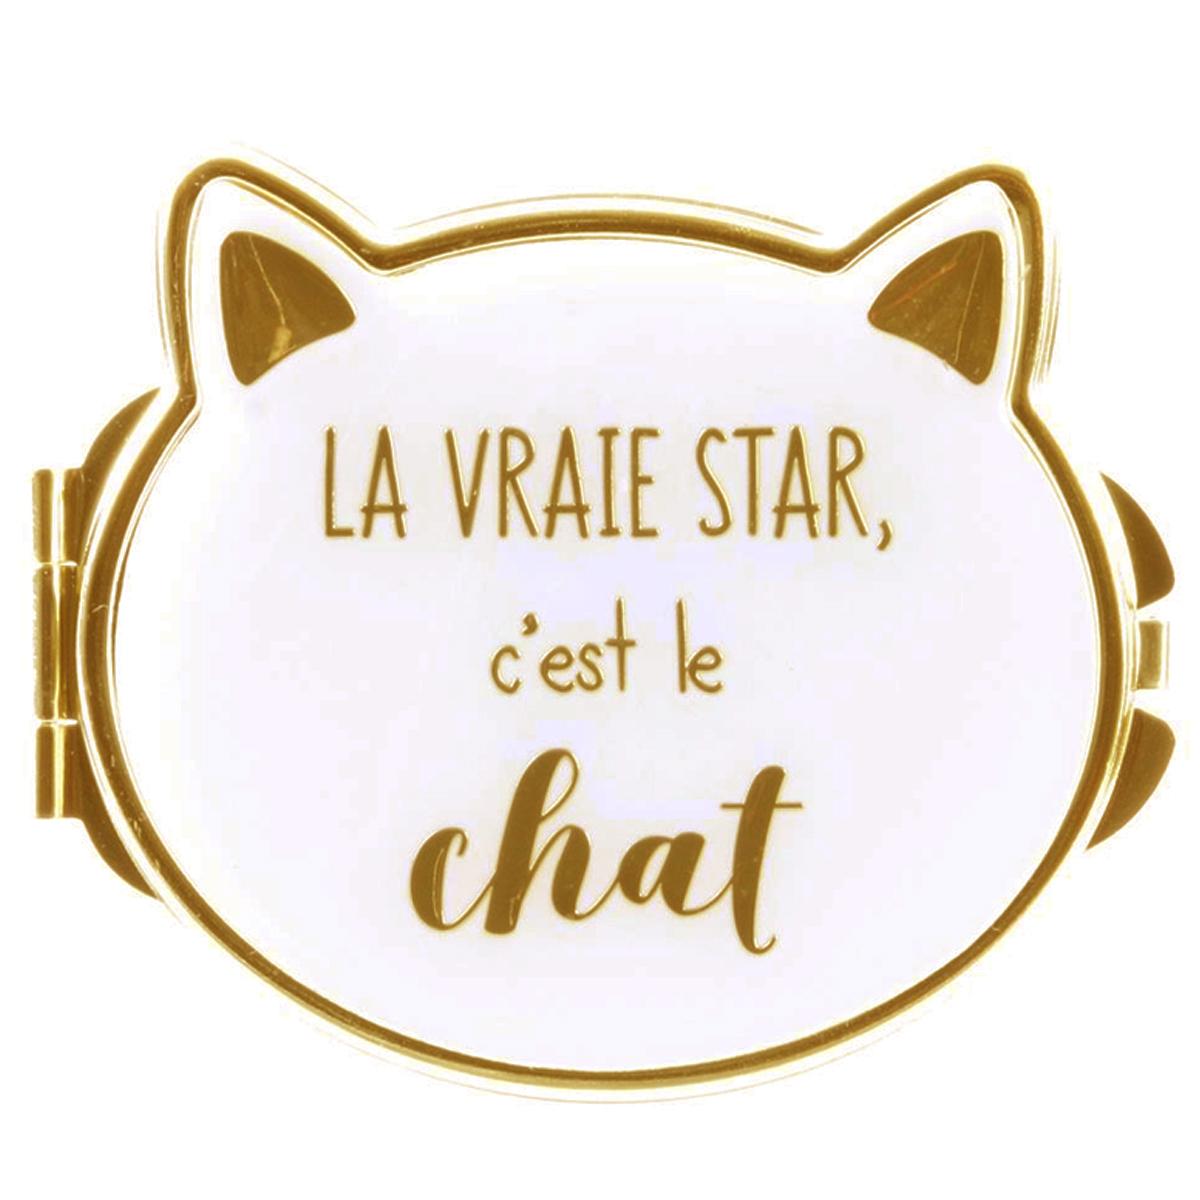 Miroir de poche \'Chats\' beige (la vraie star c\'est le chat) - 8x7 cm - [Q4769]